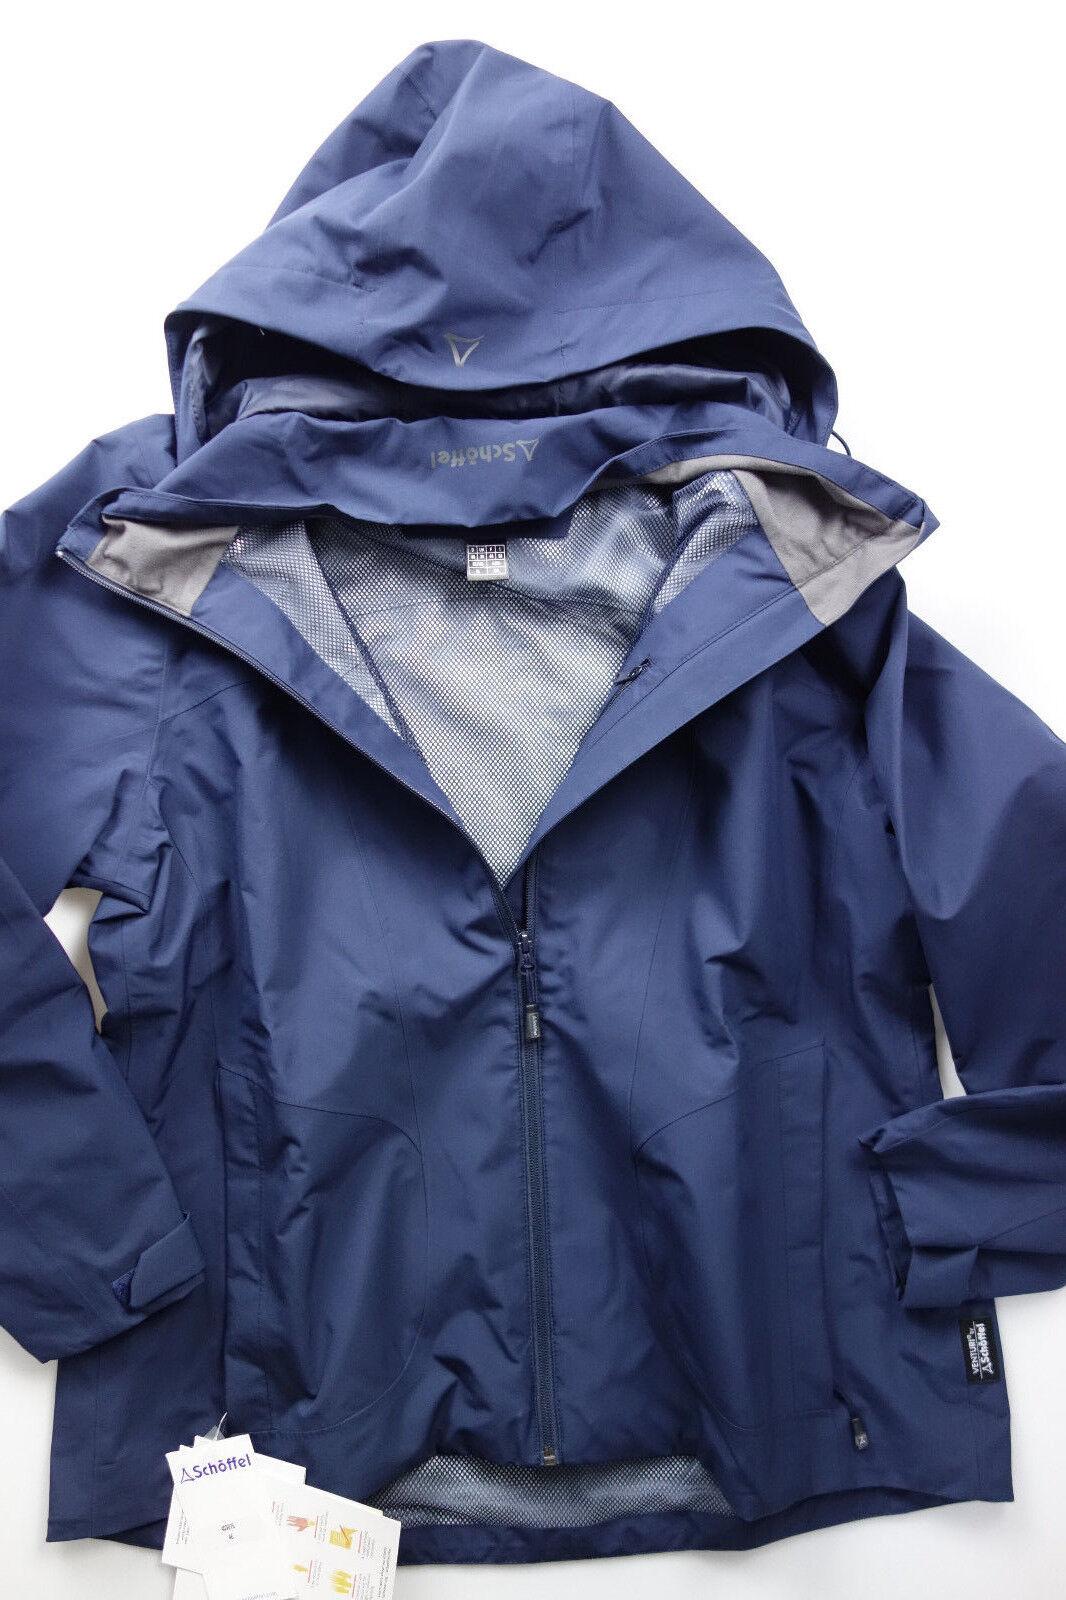 Schöffel Funktions Mantel Jacke Parka Gr. 46 Blau mit Logo (754) NEU